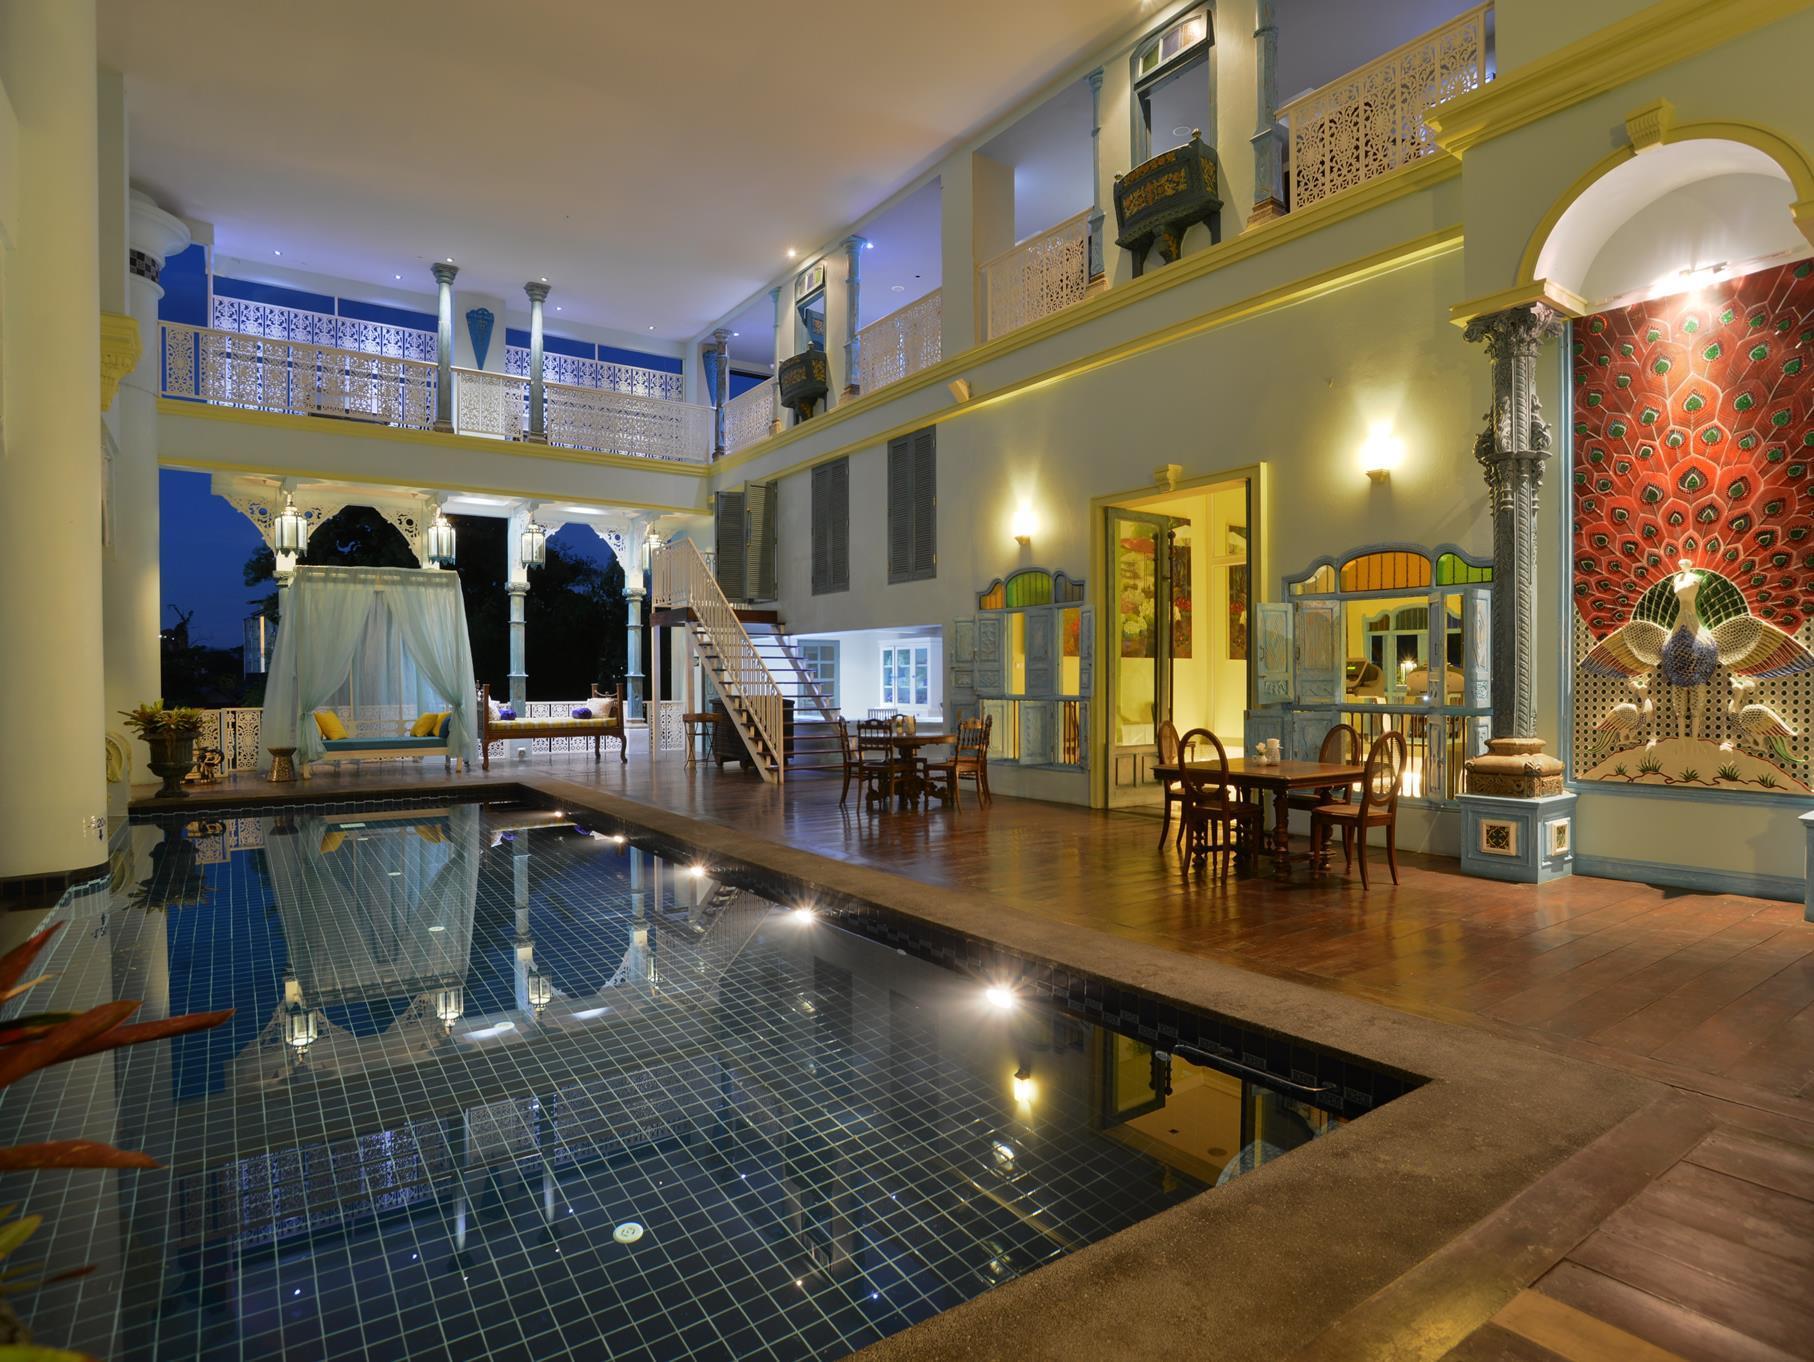 ที่พักง่ายๆ โรงแรมแอท พิงค์นคร ห้วยแก้ว - เชียงใหม่